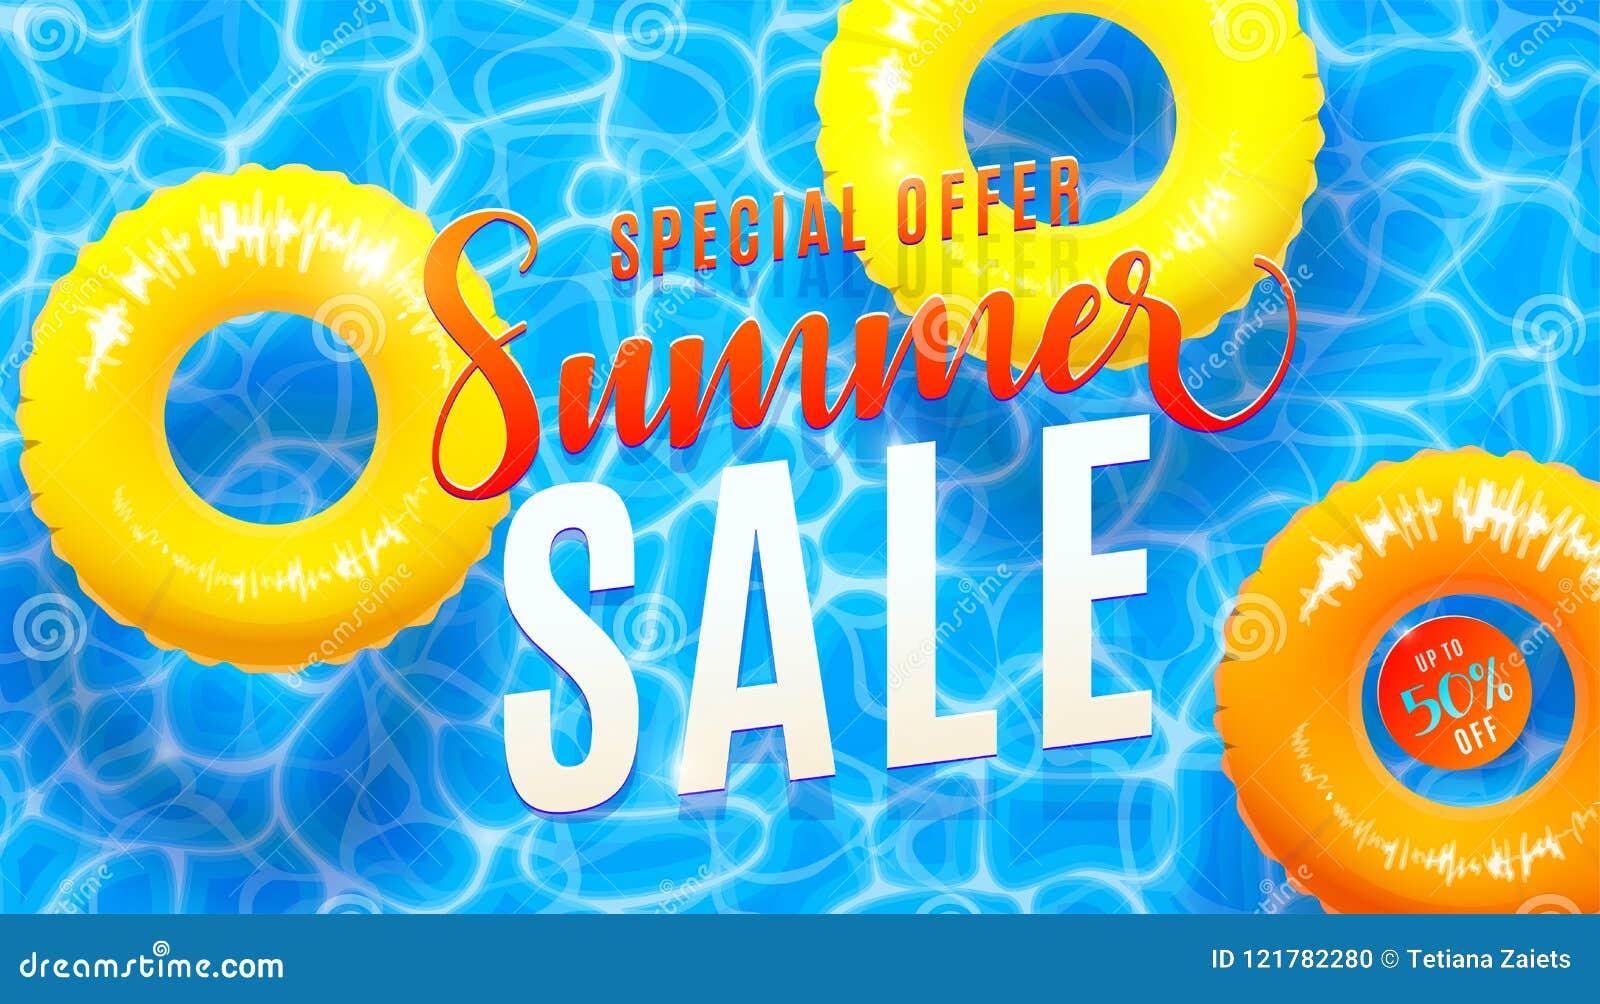 Lato sprzedaży sztandaru tło z błękitne wody teksturą i żółty basen unosimy się Wektorowa ilustracja morze plaży oferta